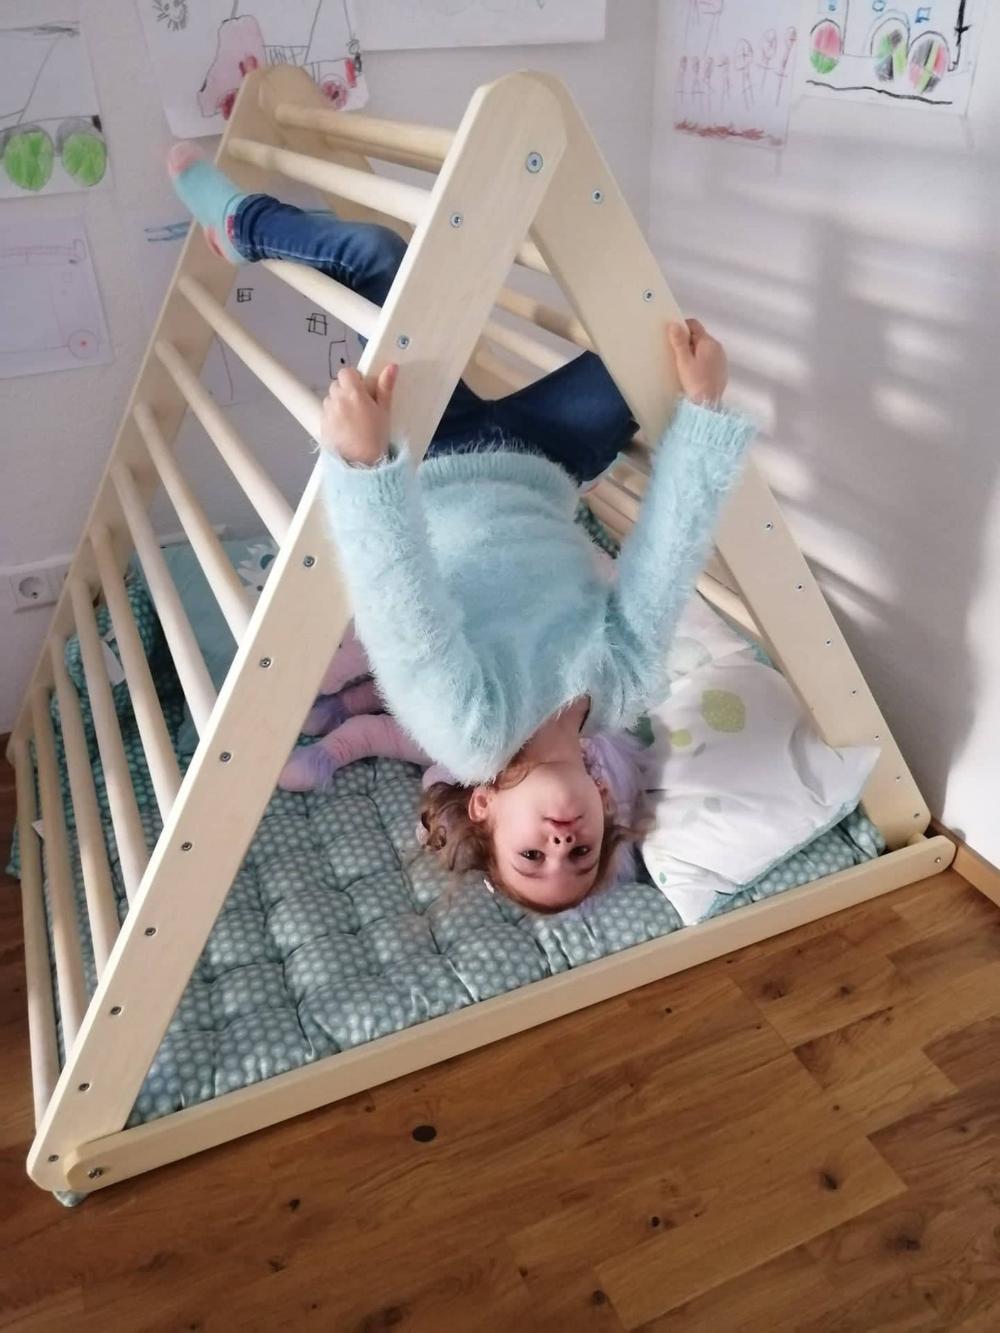 Climbing Triangle Pikler Dreieck Baby Climber Climbing Ladder